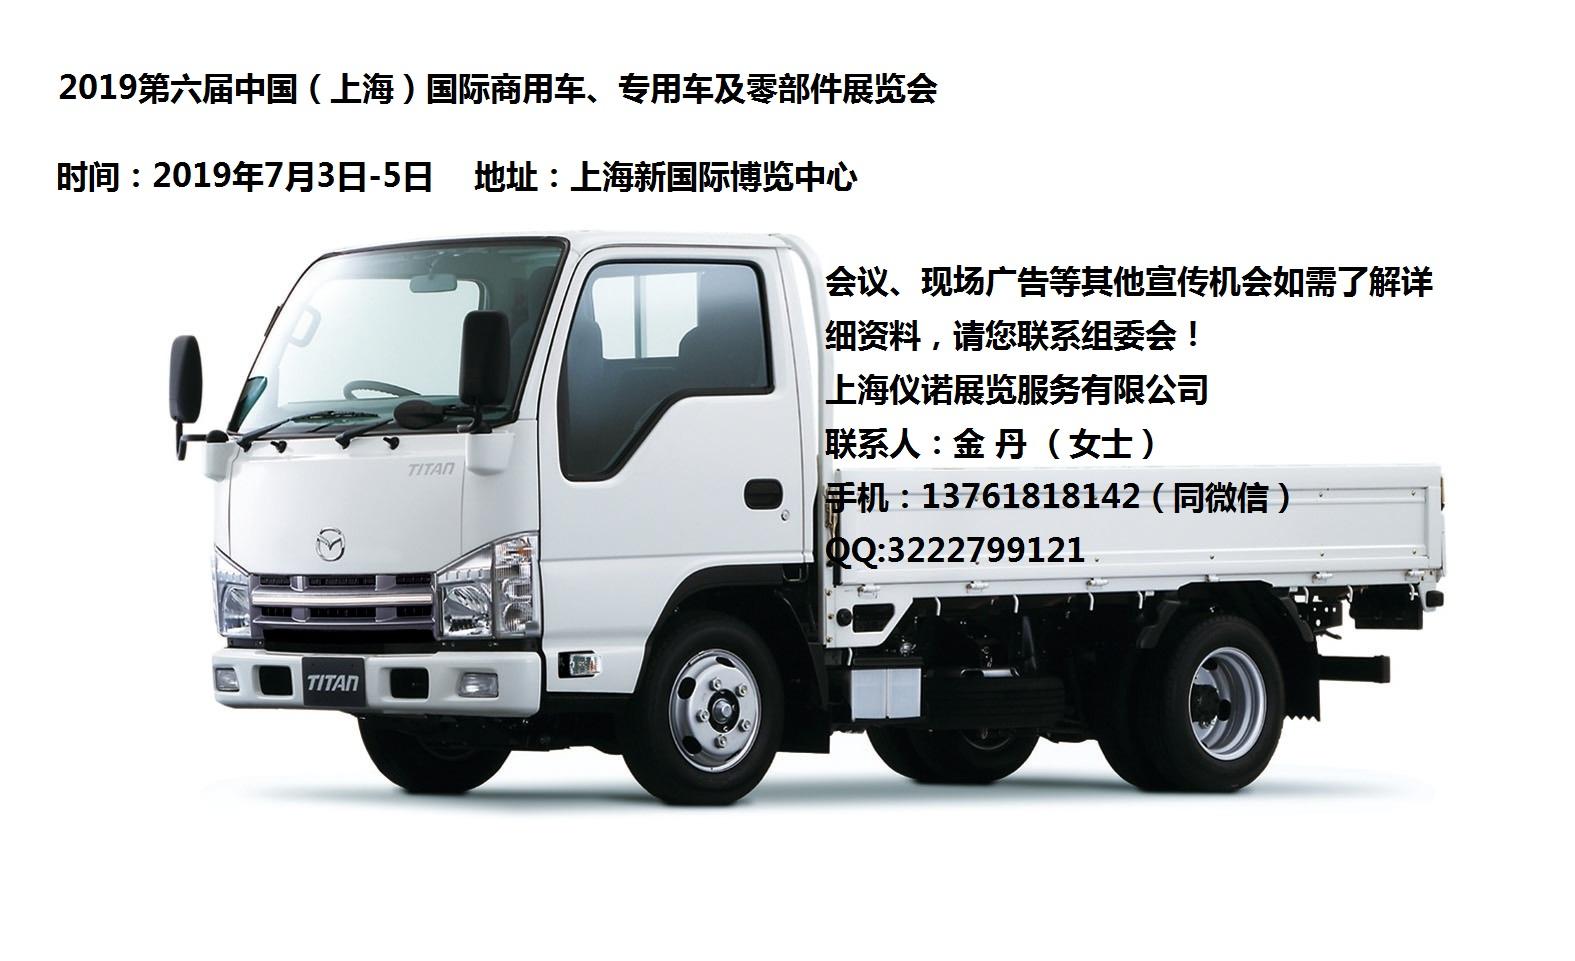 商用车logo.jpg